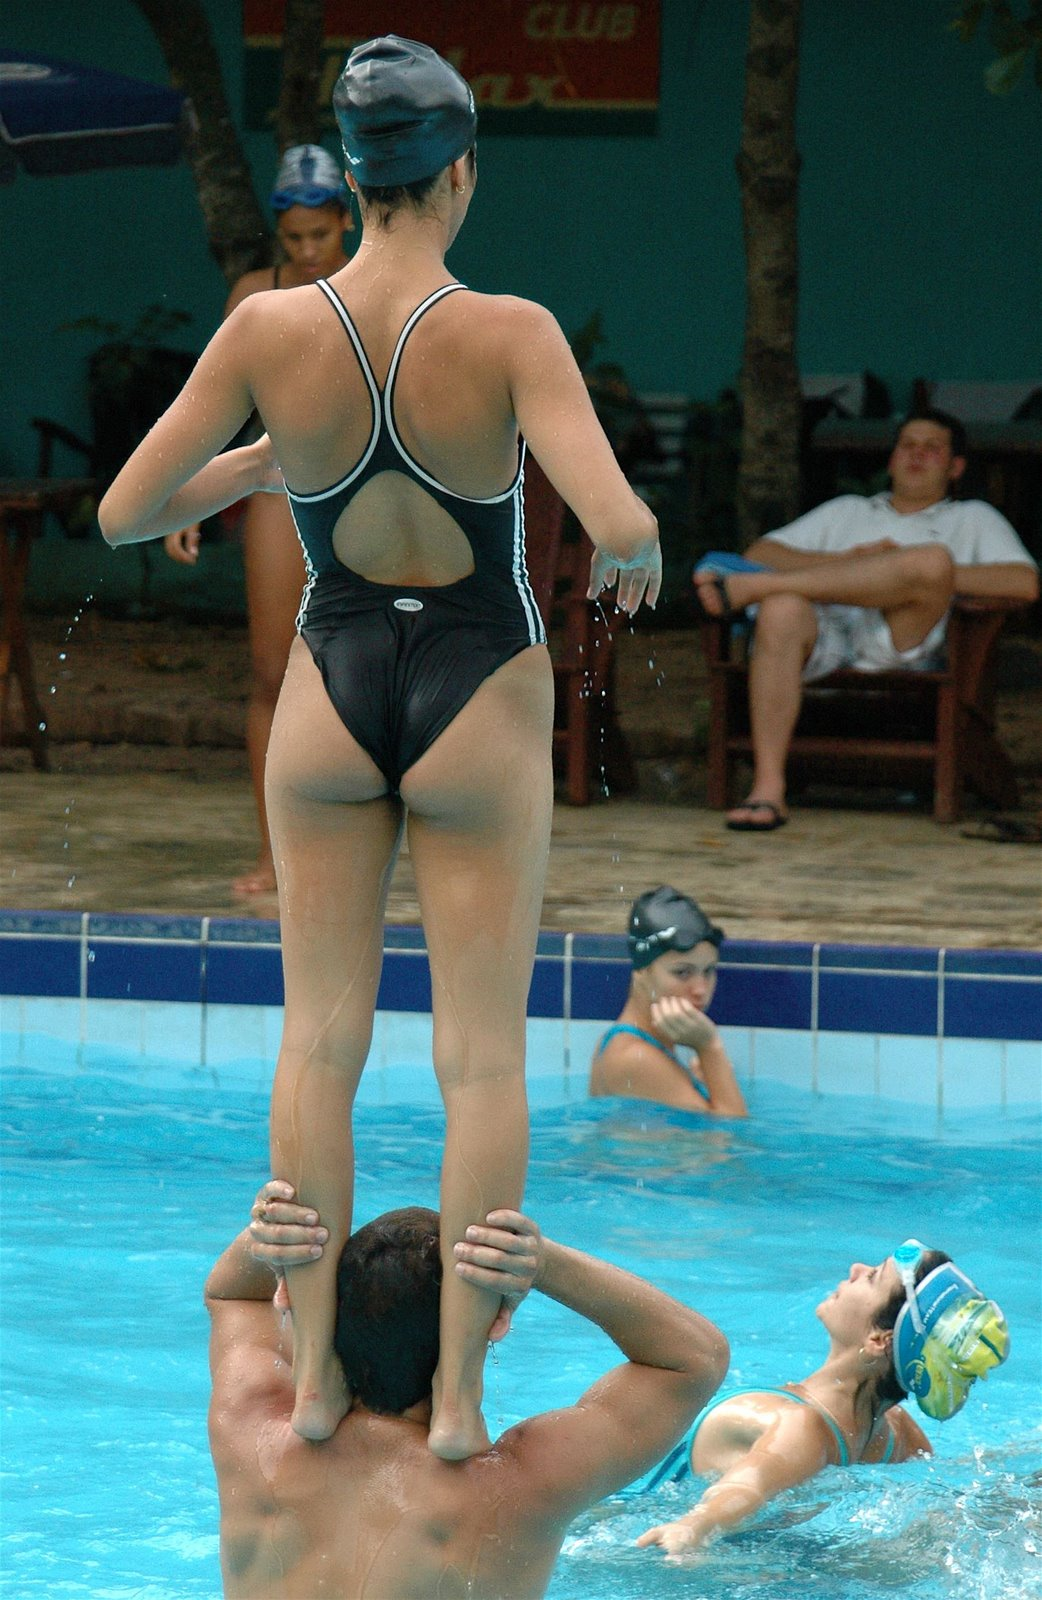 外国人の胸ポチ、ハミ尻が抜ける競泳水着姿のエロ画像33枚・3枚目の画像